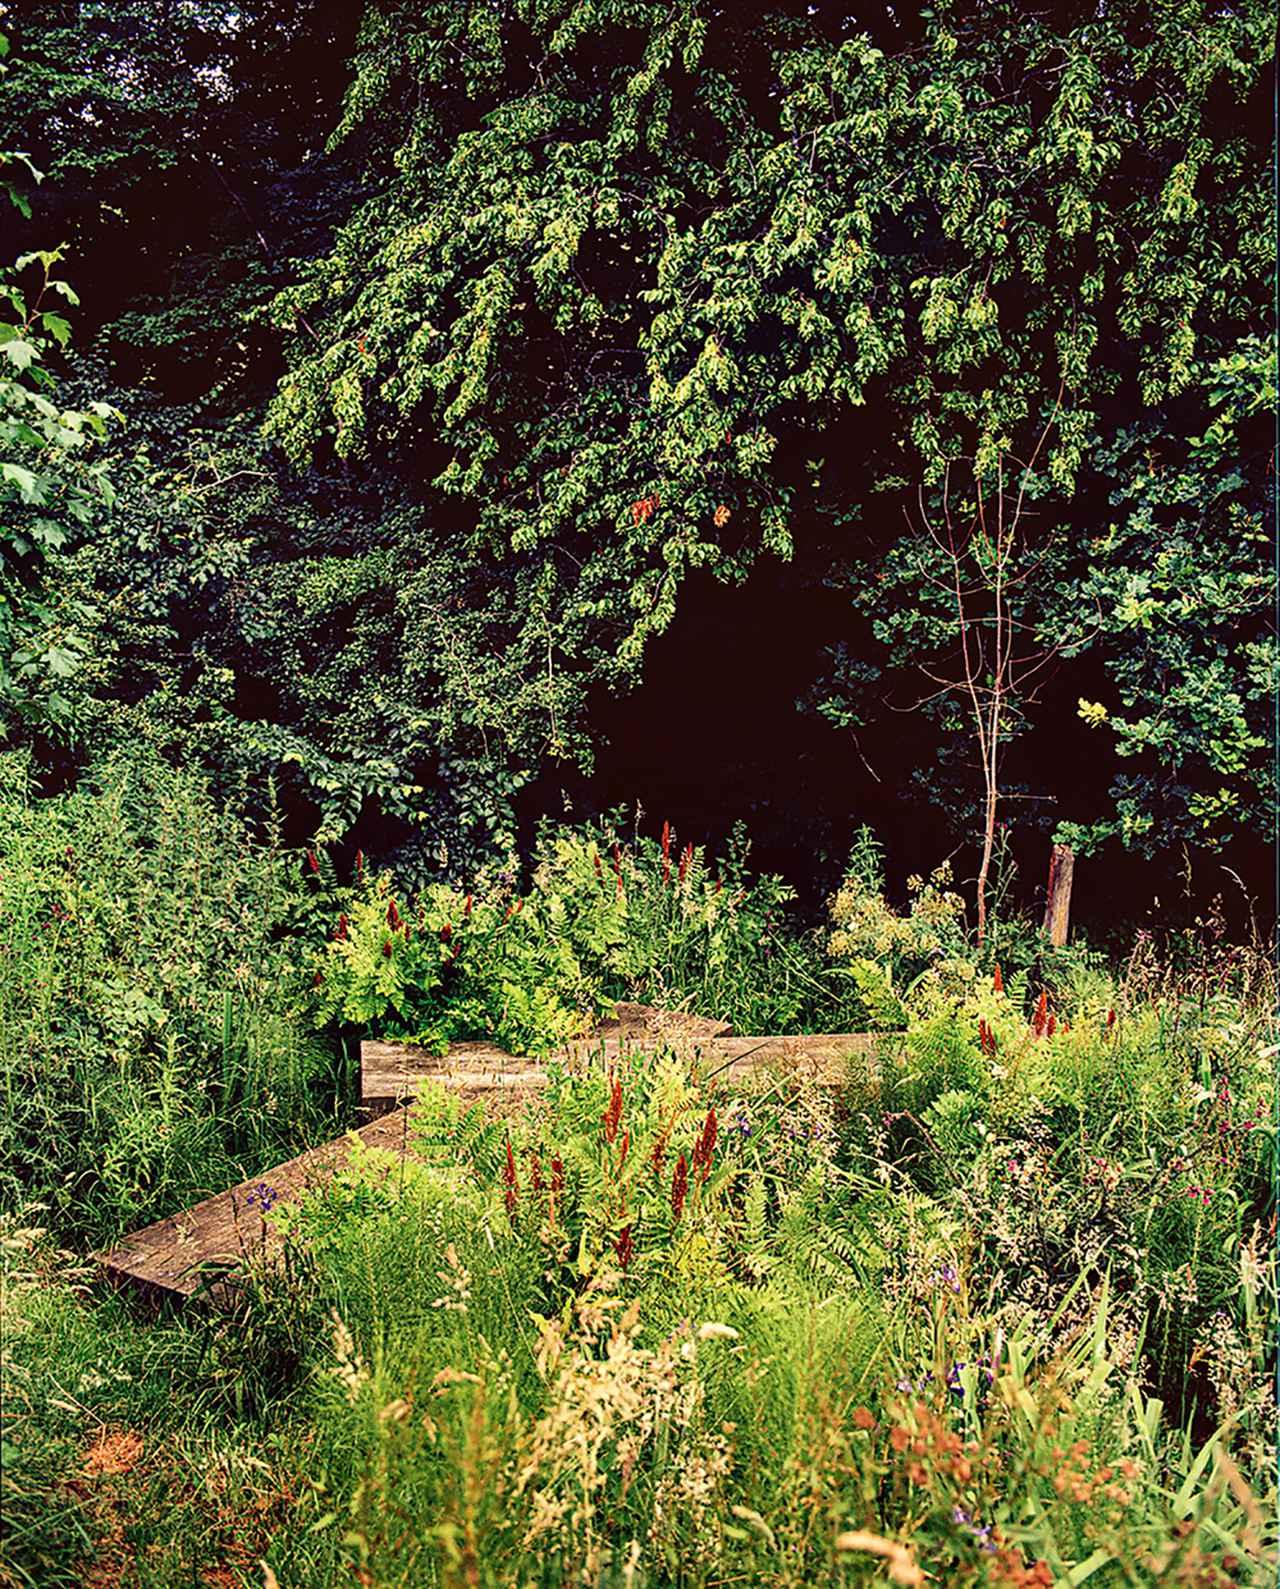 Images : 7番目の画像 - 「野花が咲き乱れ、風に揺れるーー ダン・ピアソンの自身が憩う庭」のアルバム - T JAPAN:The New York Times Style Magazine 公式サイト